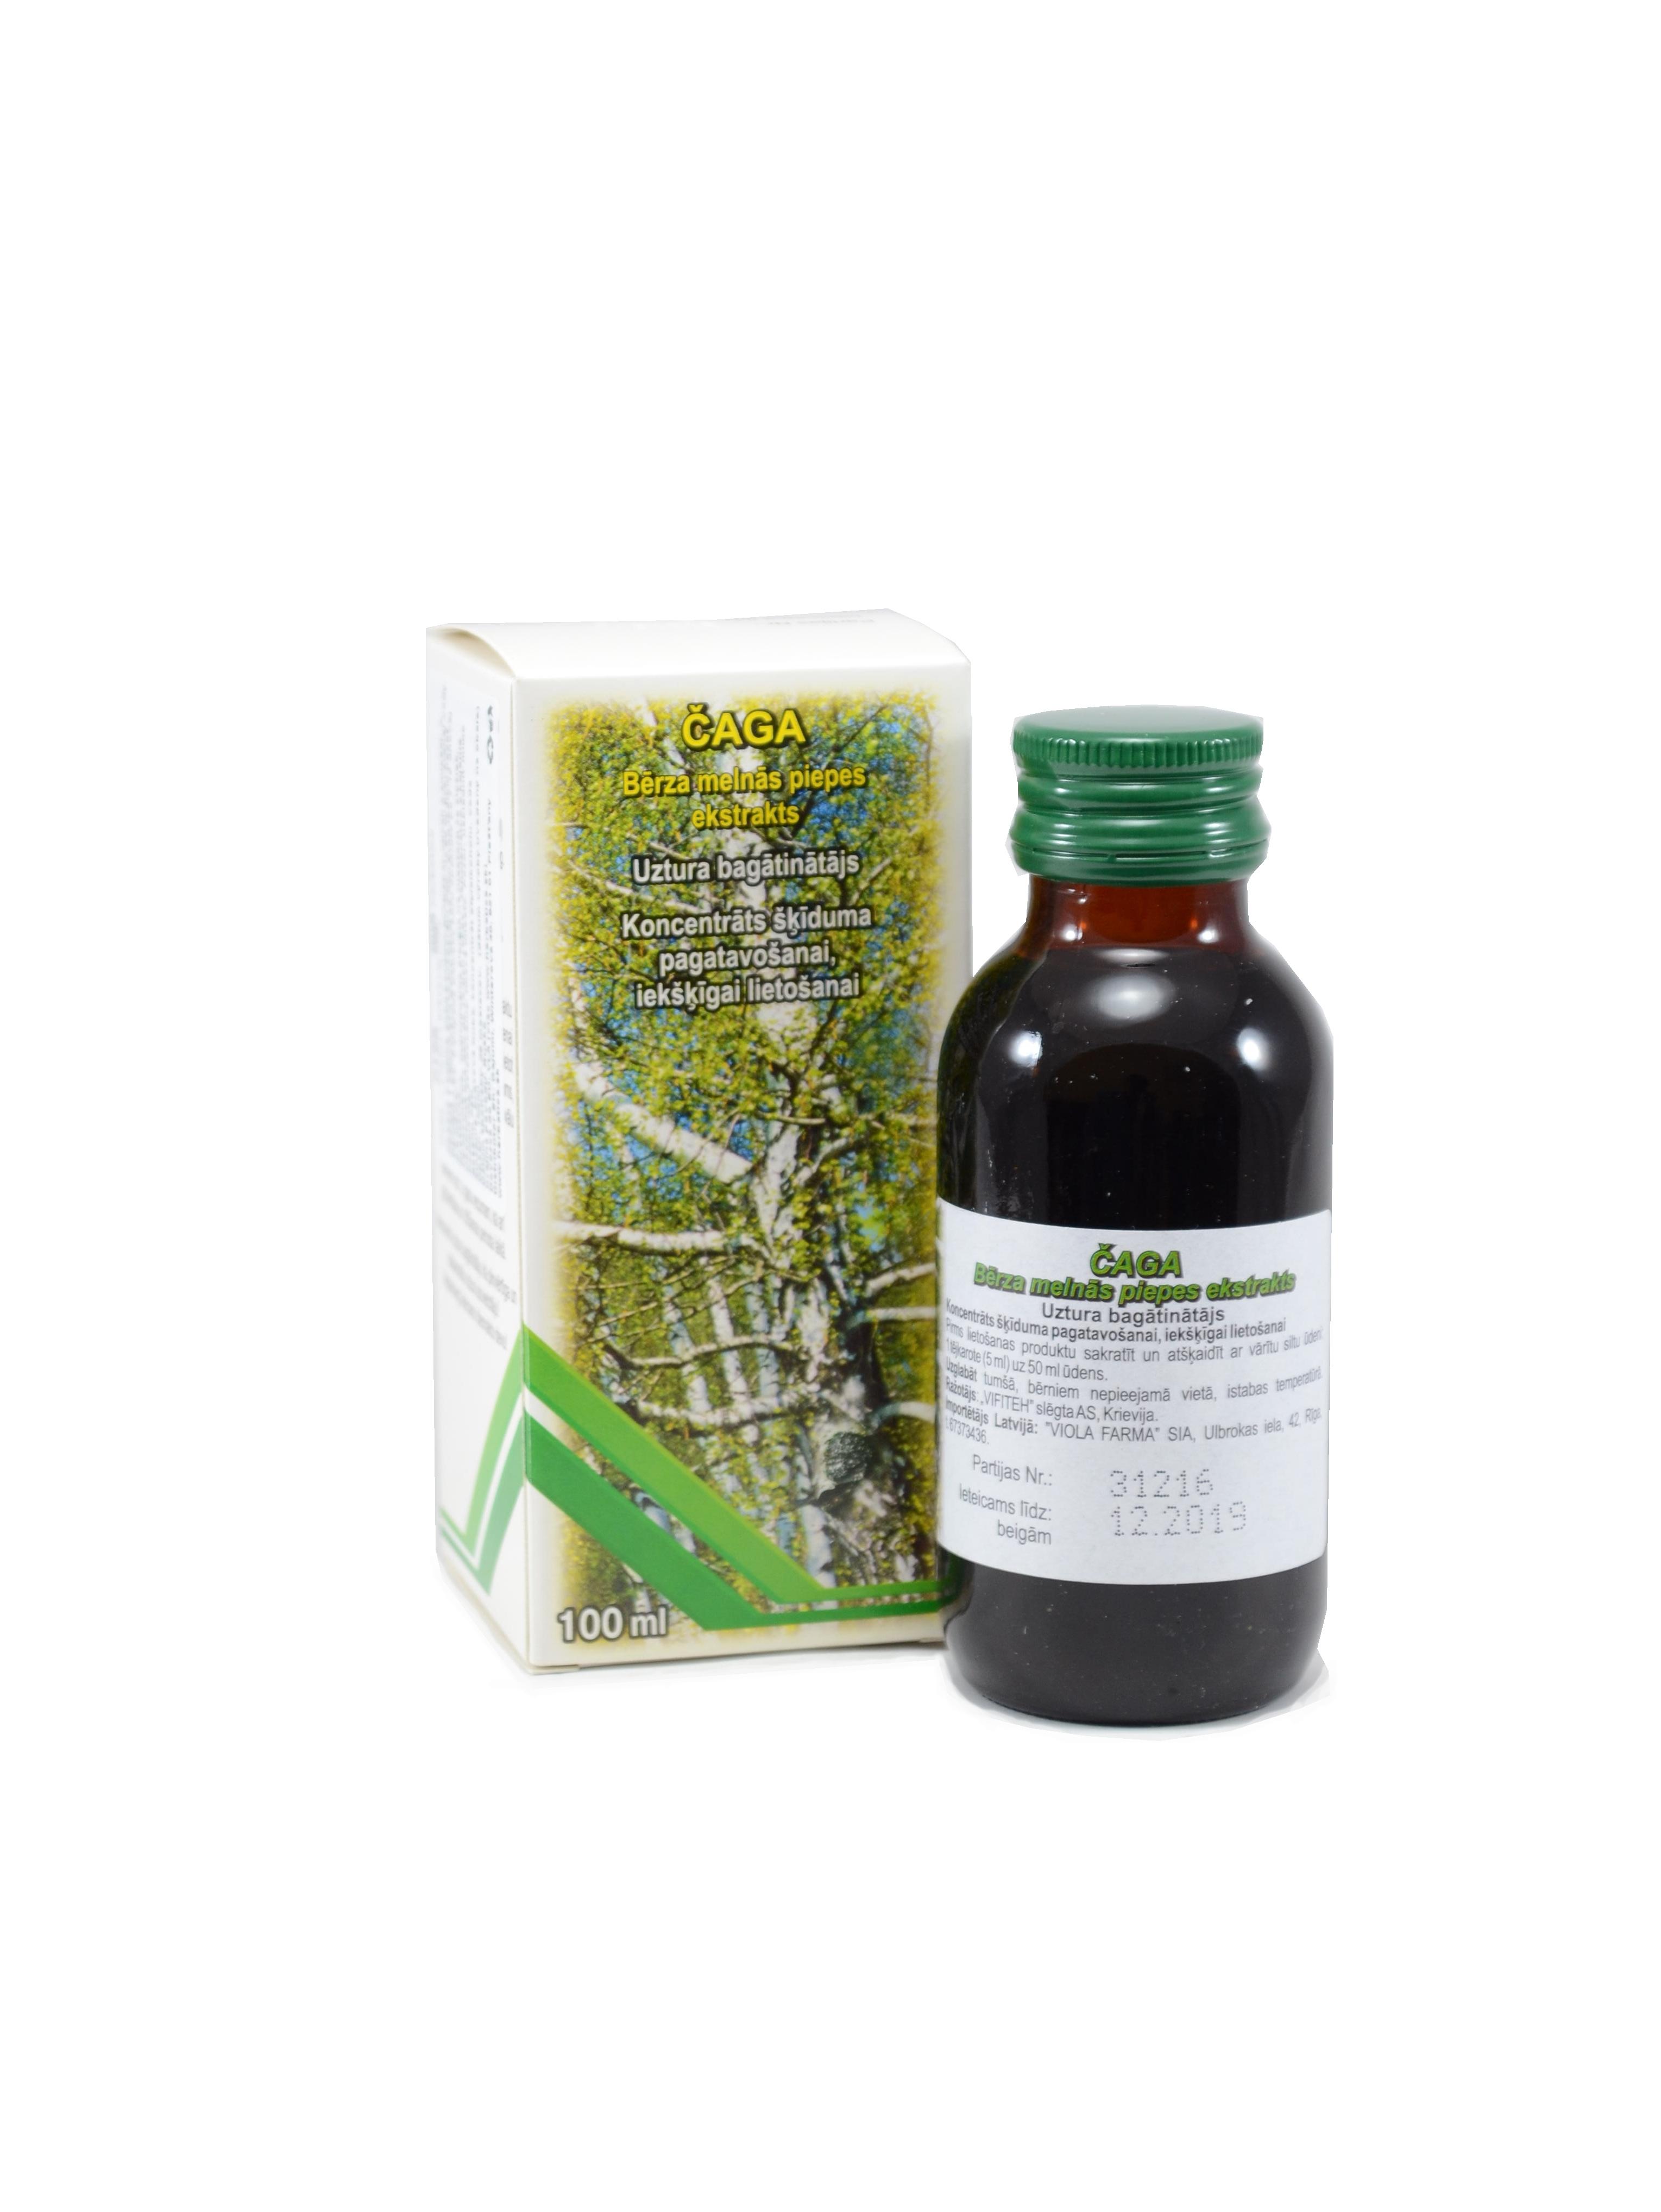 Čaga extrakt z brezovej huby pre správnu látkovú výmenu - Vifiteh - 100 ml